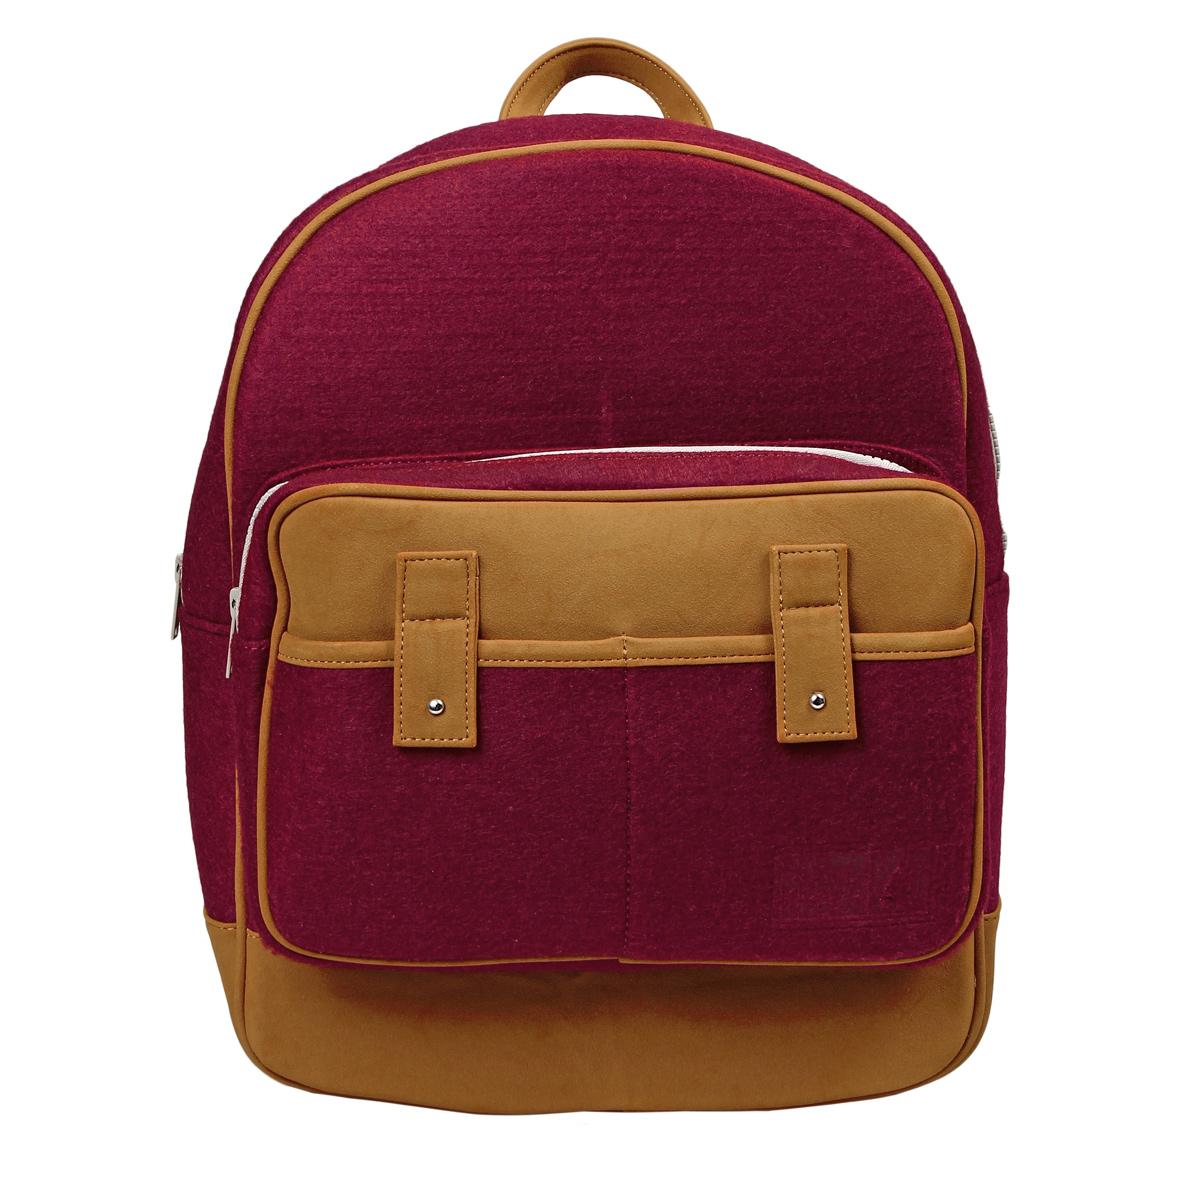 Рюкзак MRKT, цвет: темно-бордовый. 222352L39845800Рюкзак MRKT станет эффектным акцентом в вашем образе и превосходно подчеркнет неповторимый стиль. Модель выполнена из фетра - натуральной, высококачественной шерсти, мягкой и приятной на ощупь.Рюкзак состоит из одного вместительного отделения, закрывающегося на застежку-молнию. Внутри - вшитый карман на молнии и накладной карман, закрывающийся при помощи хлястика. На внешней стороне расположен объемный накладной карман на молнии и два кармашка для мелочей. Рюкзак оснащен двумя регулирующимися лямками.Простота, лаконичность и функциональность выделяют эту модель из ряда подобных. Характеристики:Материал: фетр, металл, искусственная кожа. Размер рюкзака: 30 см х 41 см х 12 см.Цвет: темно-бордовый. Артикул: 222352.